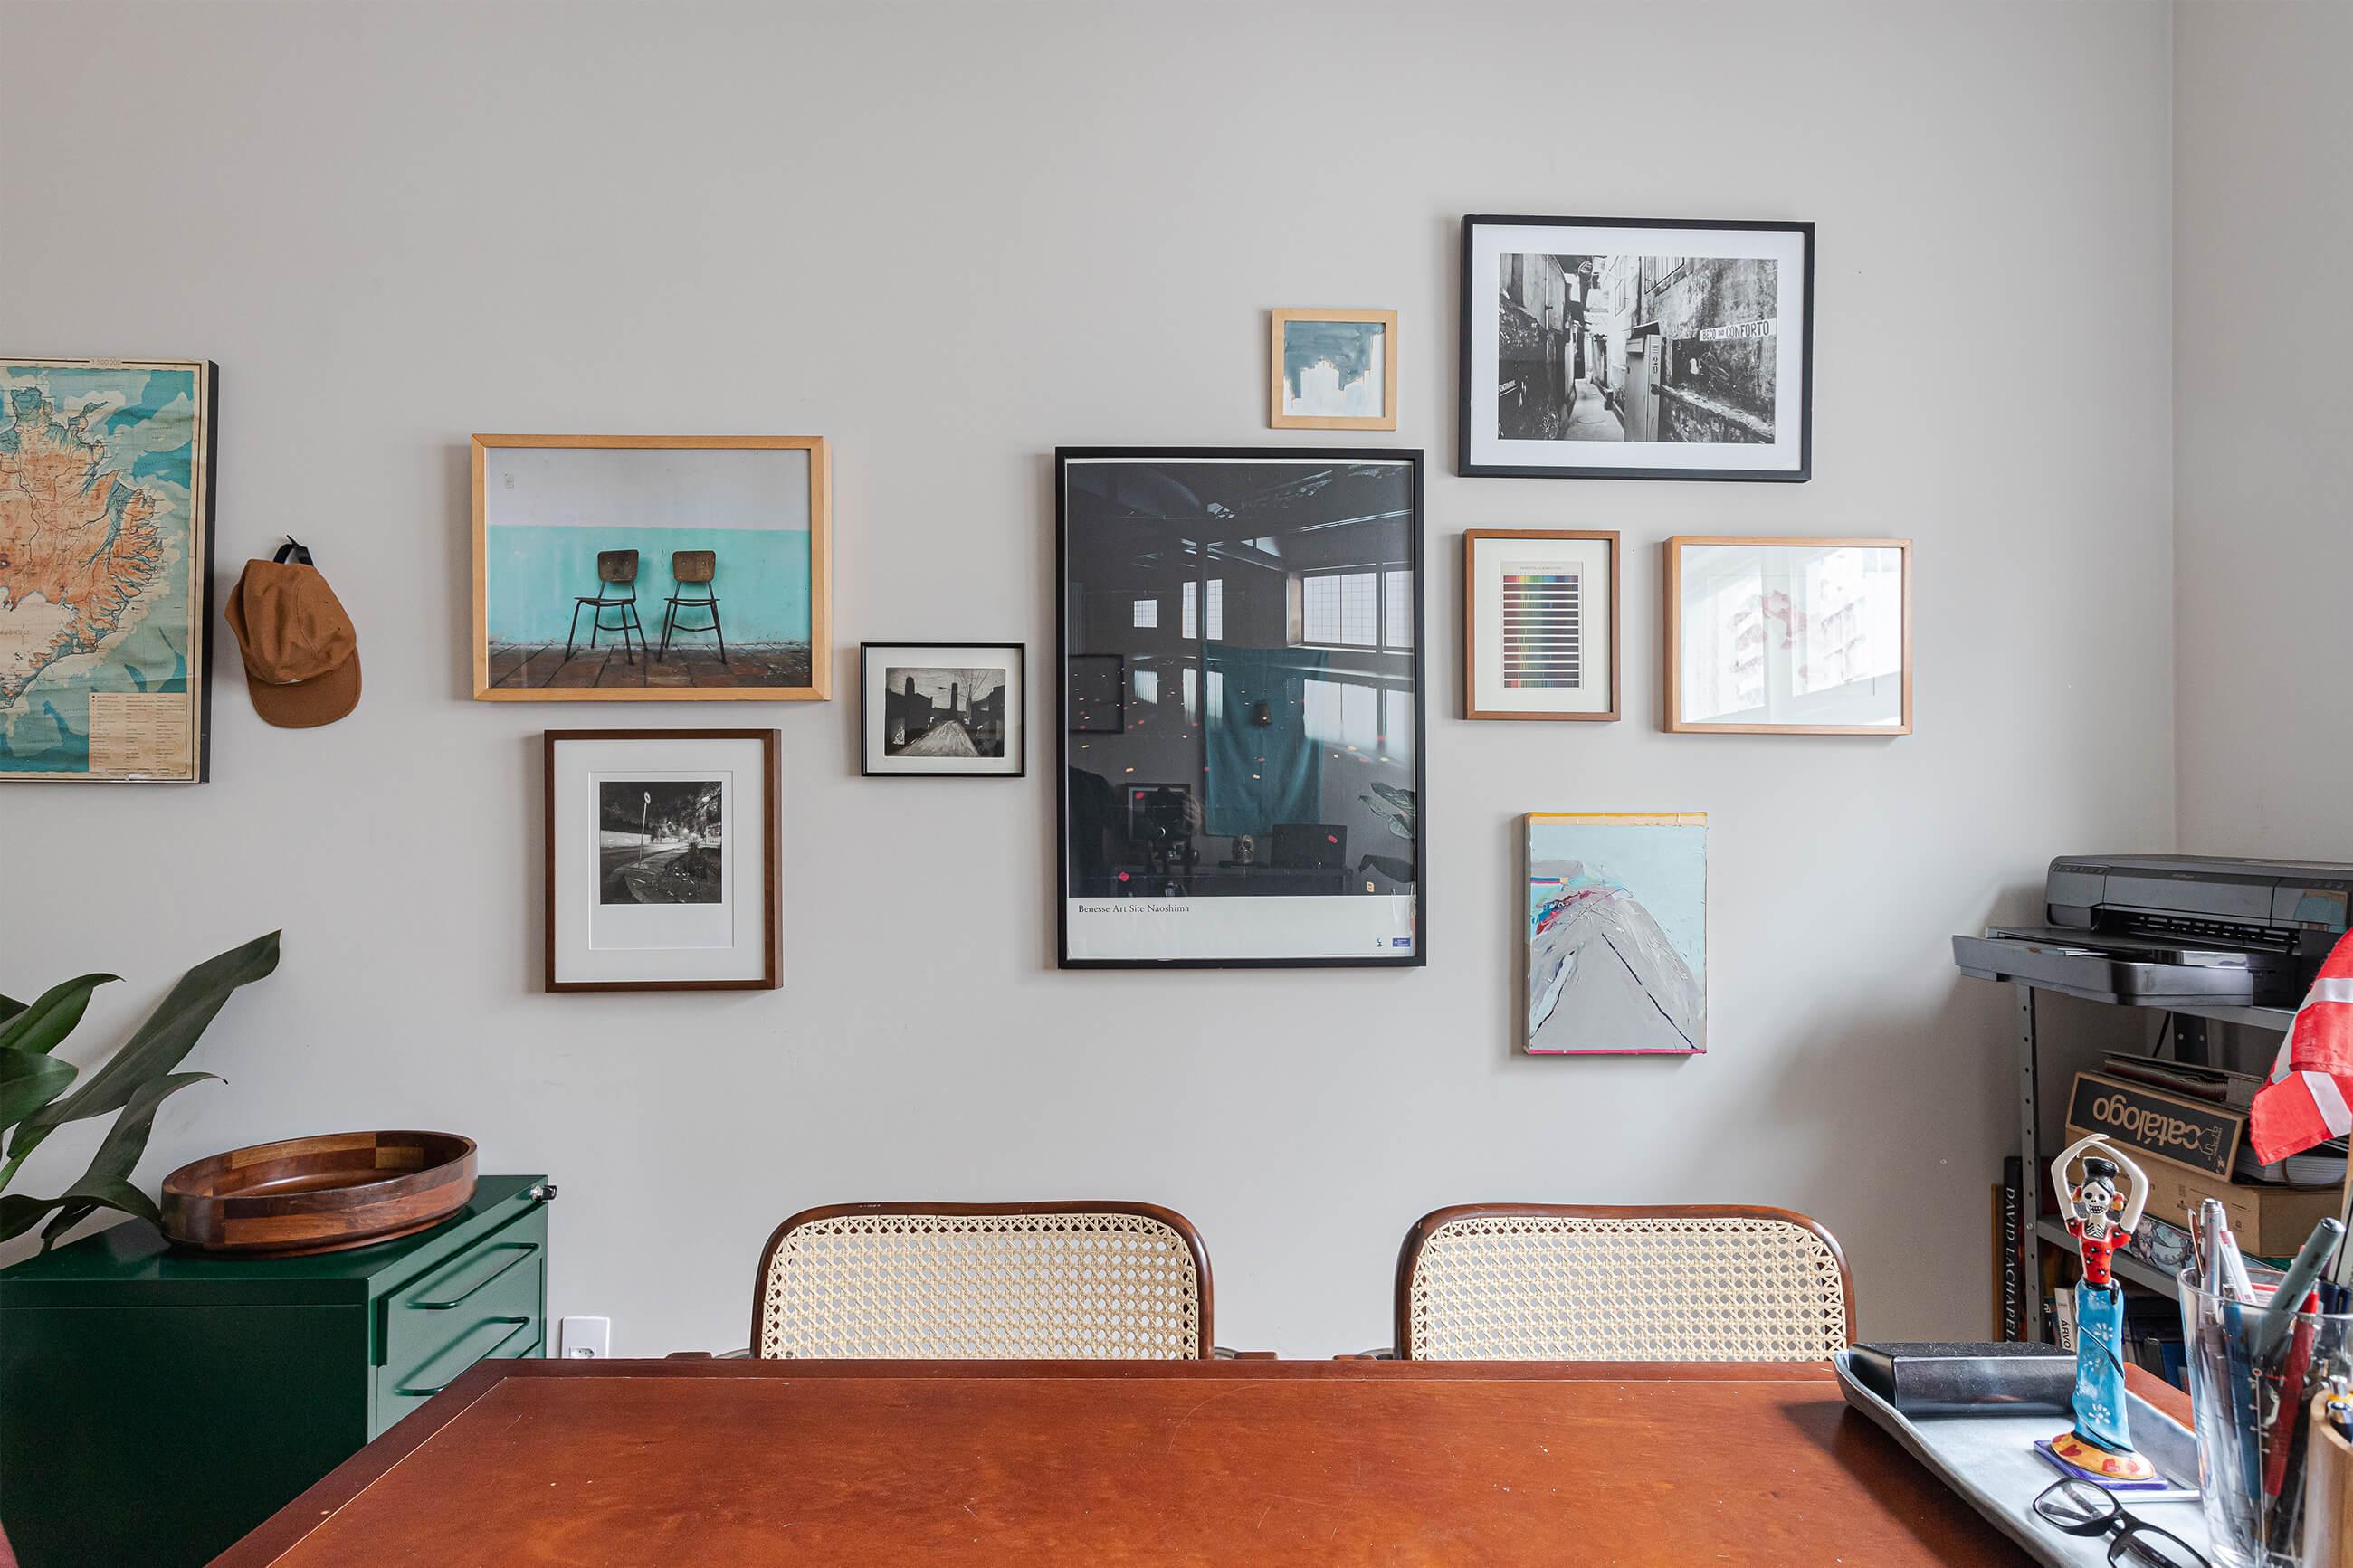 -home-office-mesa-cadeira-mesa-verde-quadros-fotografias